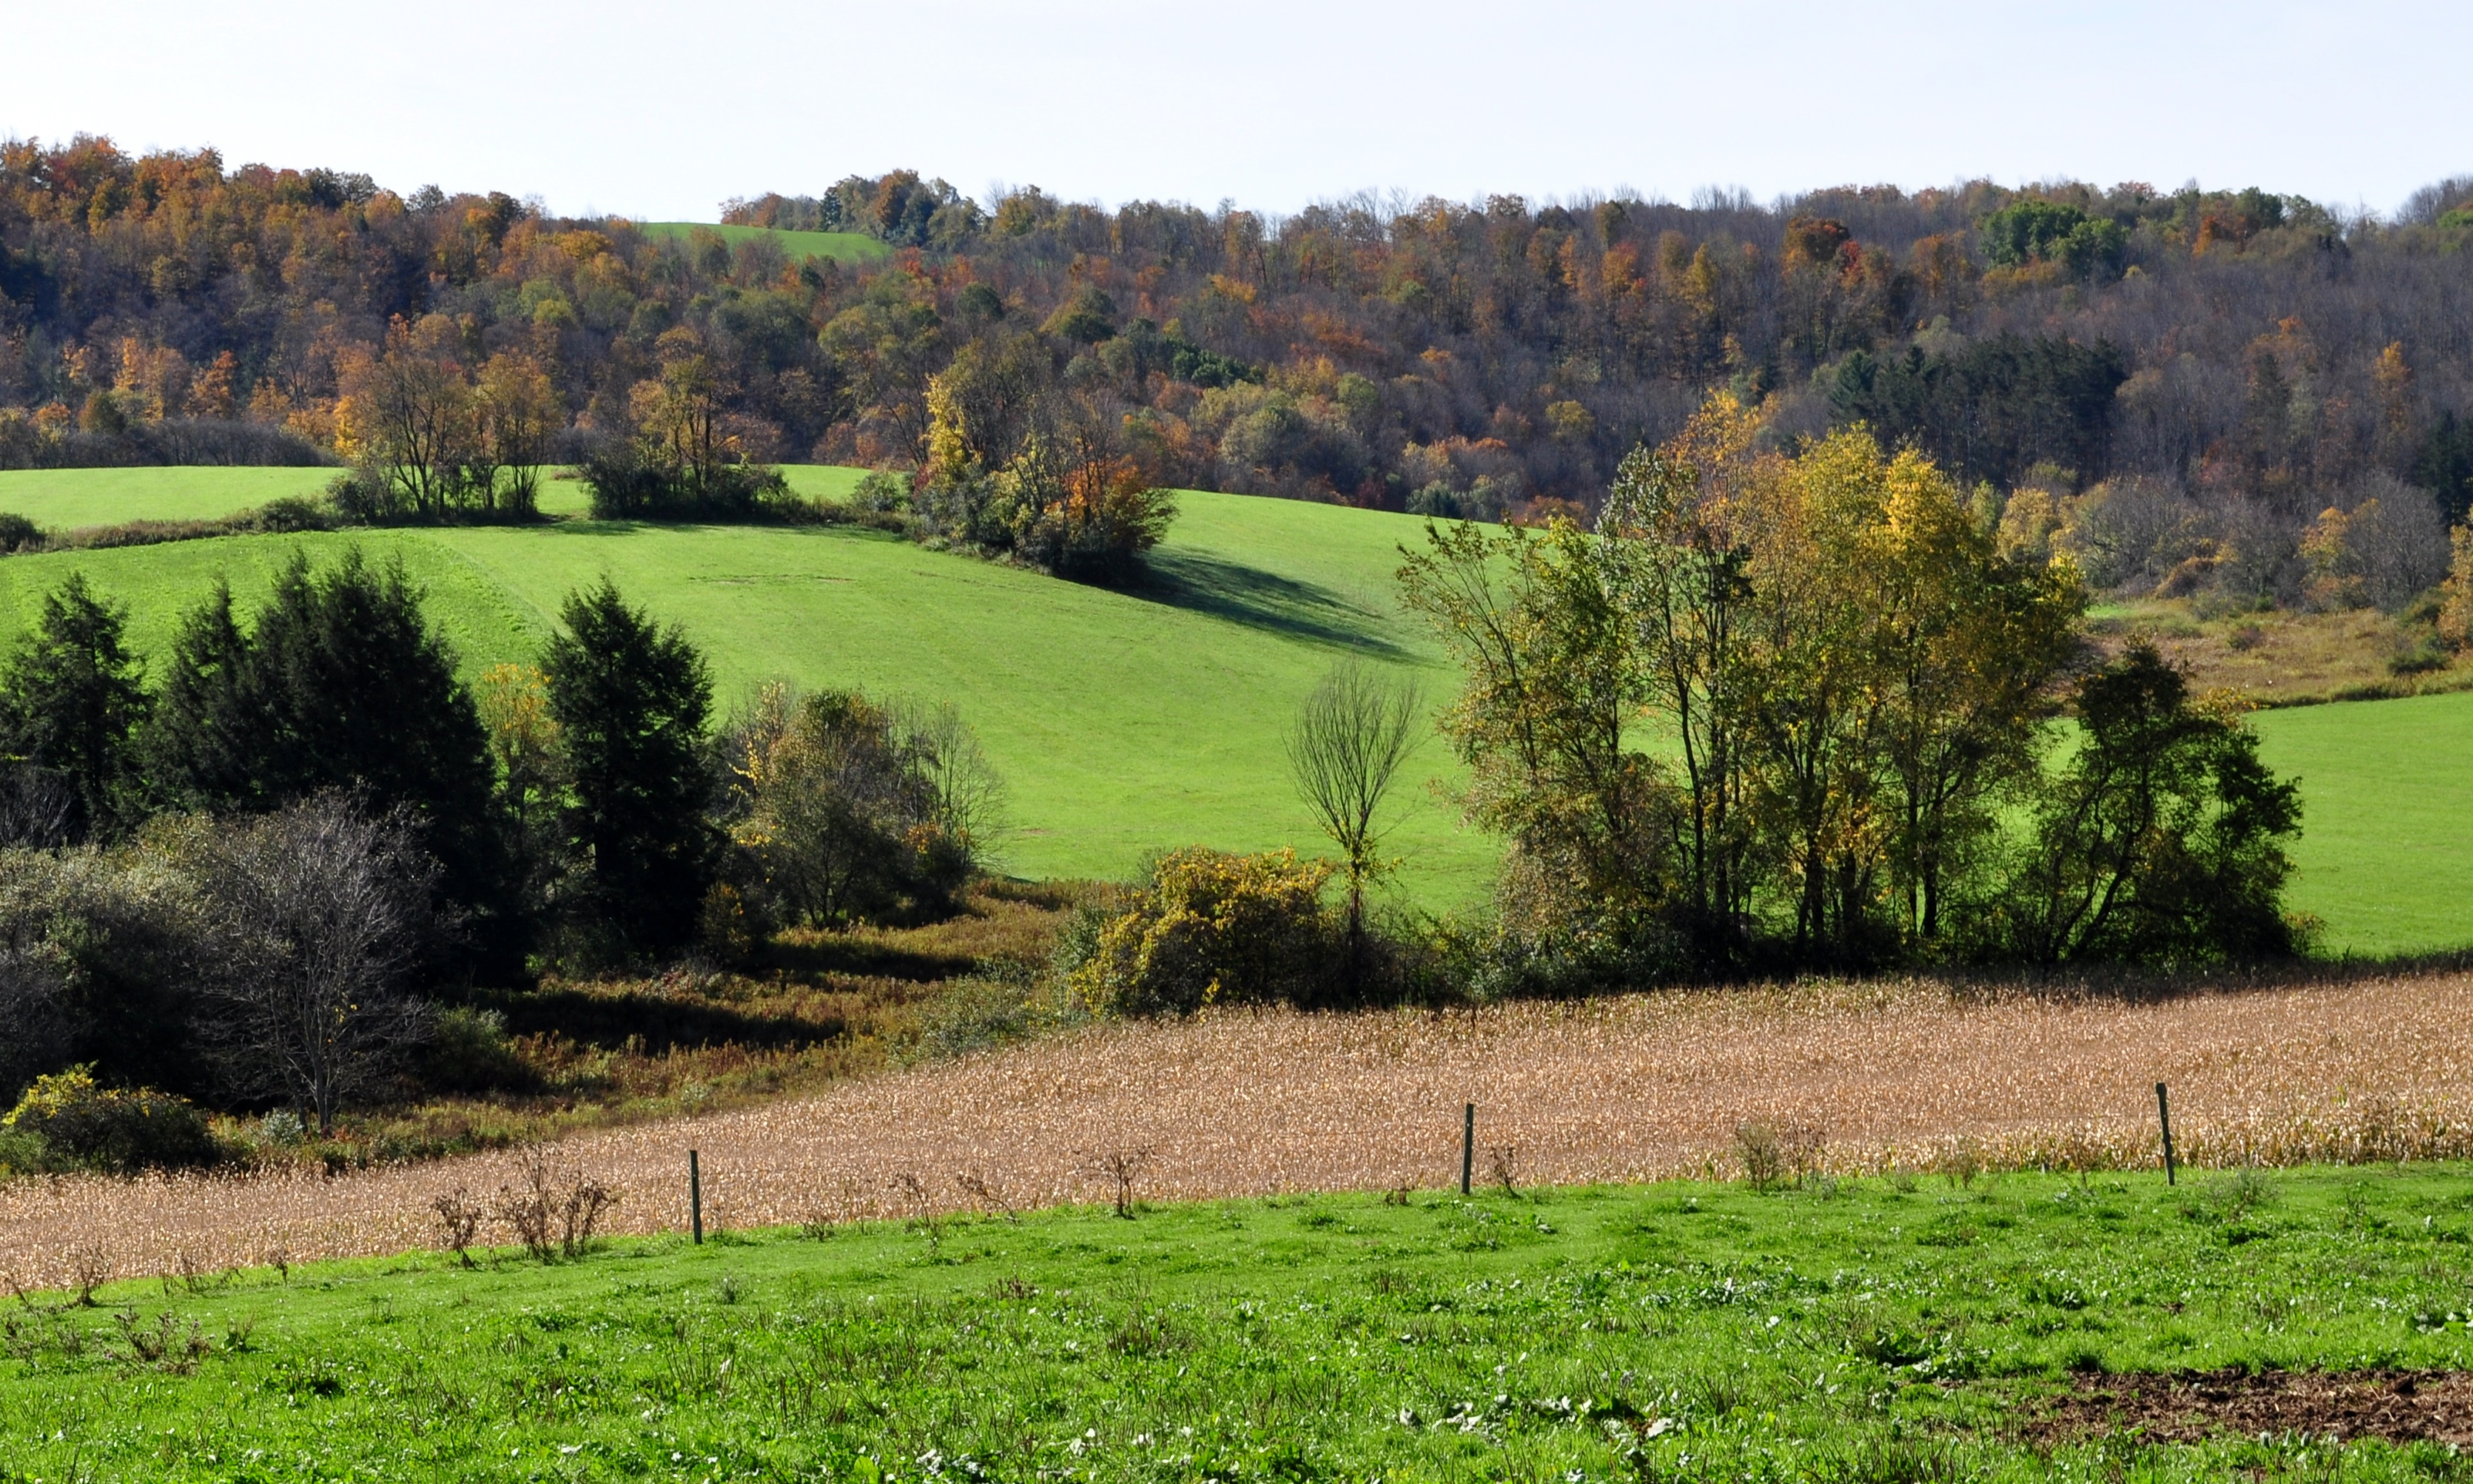 1080p Fall Wallpaper Rural Landscapes Nick S Nature Pics